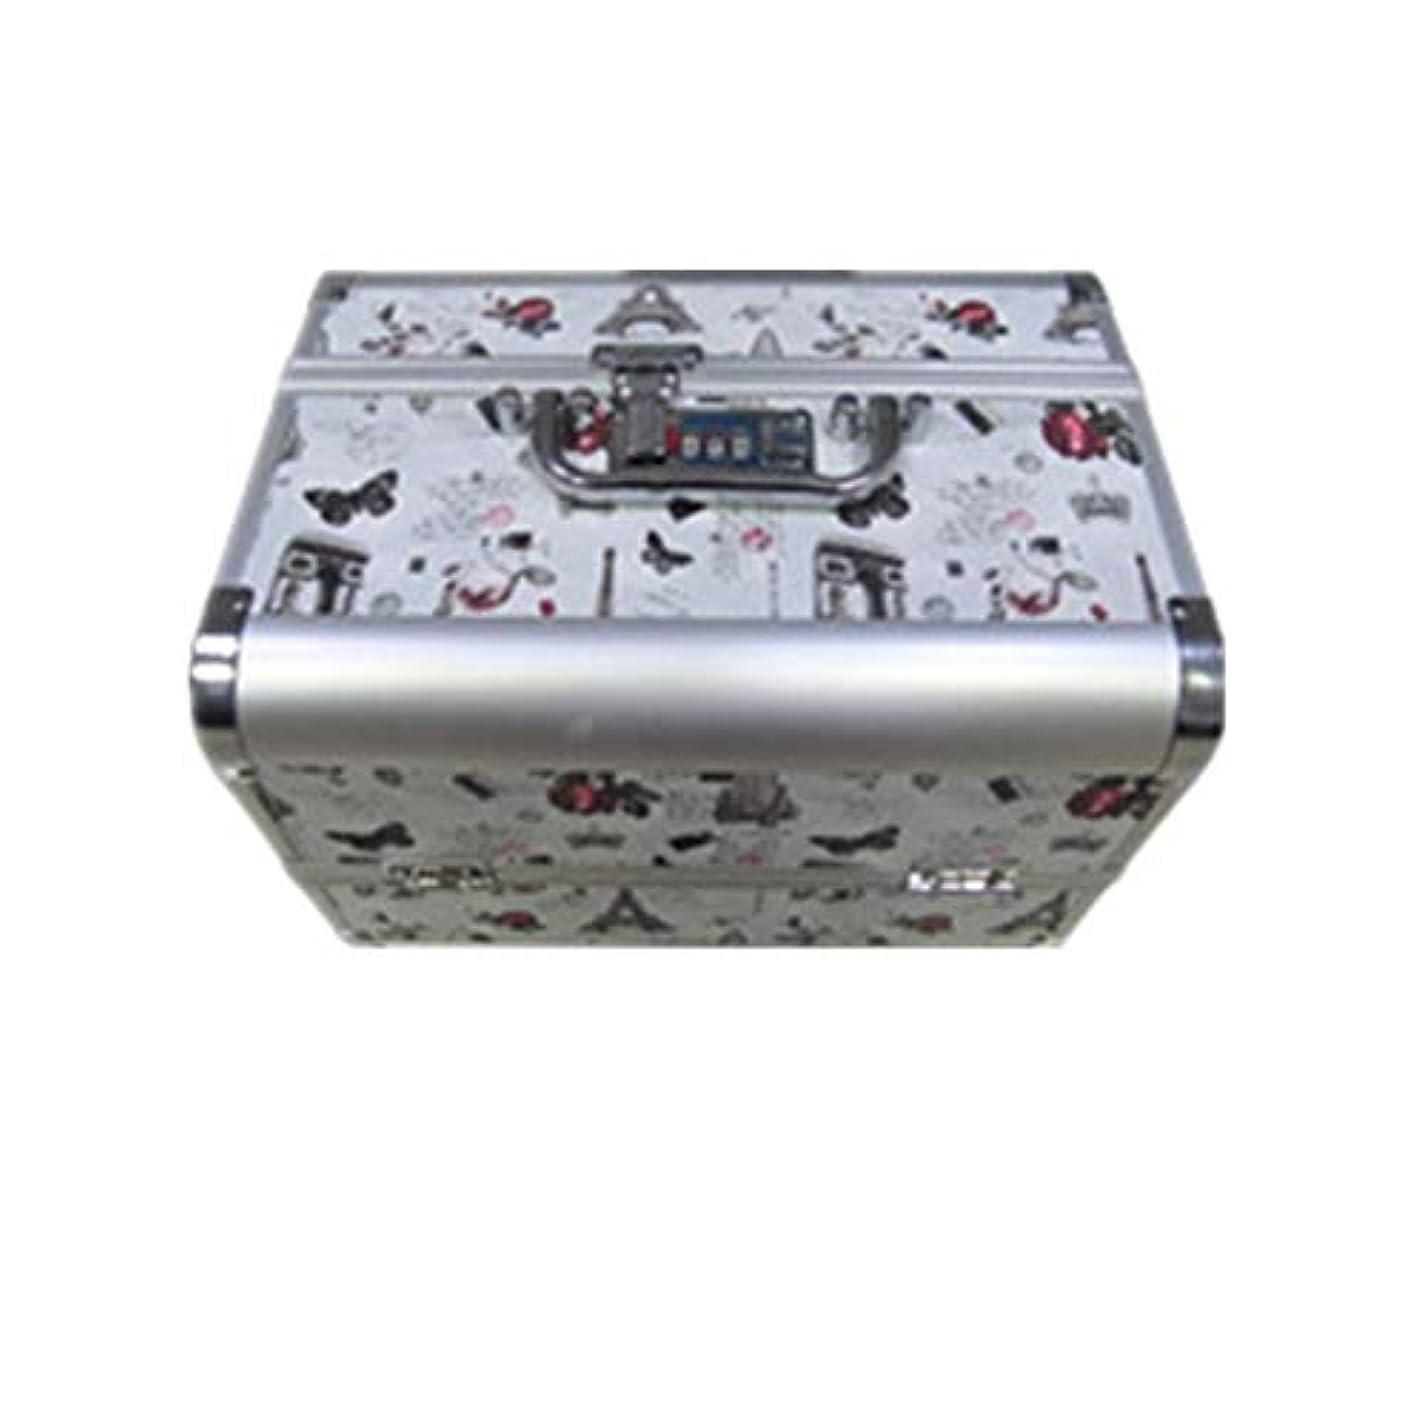 不適切な引き渡すシルエット化粧オーガナイザーバッグ 大容量ポータブル化粧ケース(トラベルアクセサリー用)シャンプーボディウォッシュパーソナルアイテム収納トレイ(エクステンショントレイ付) 化粧品ケース